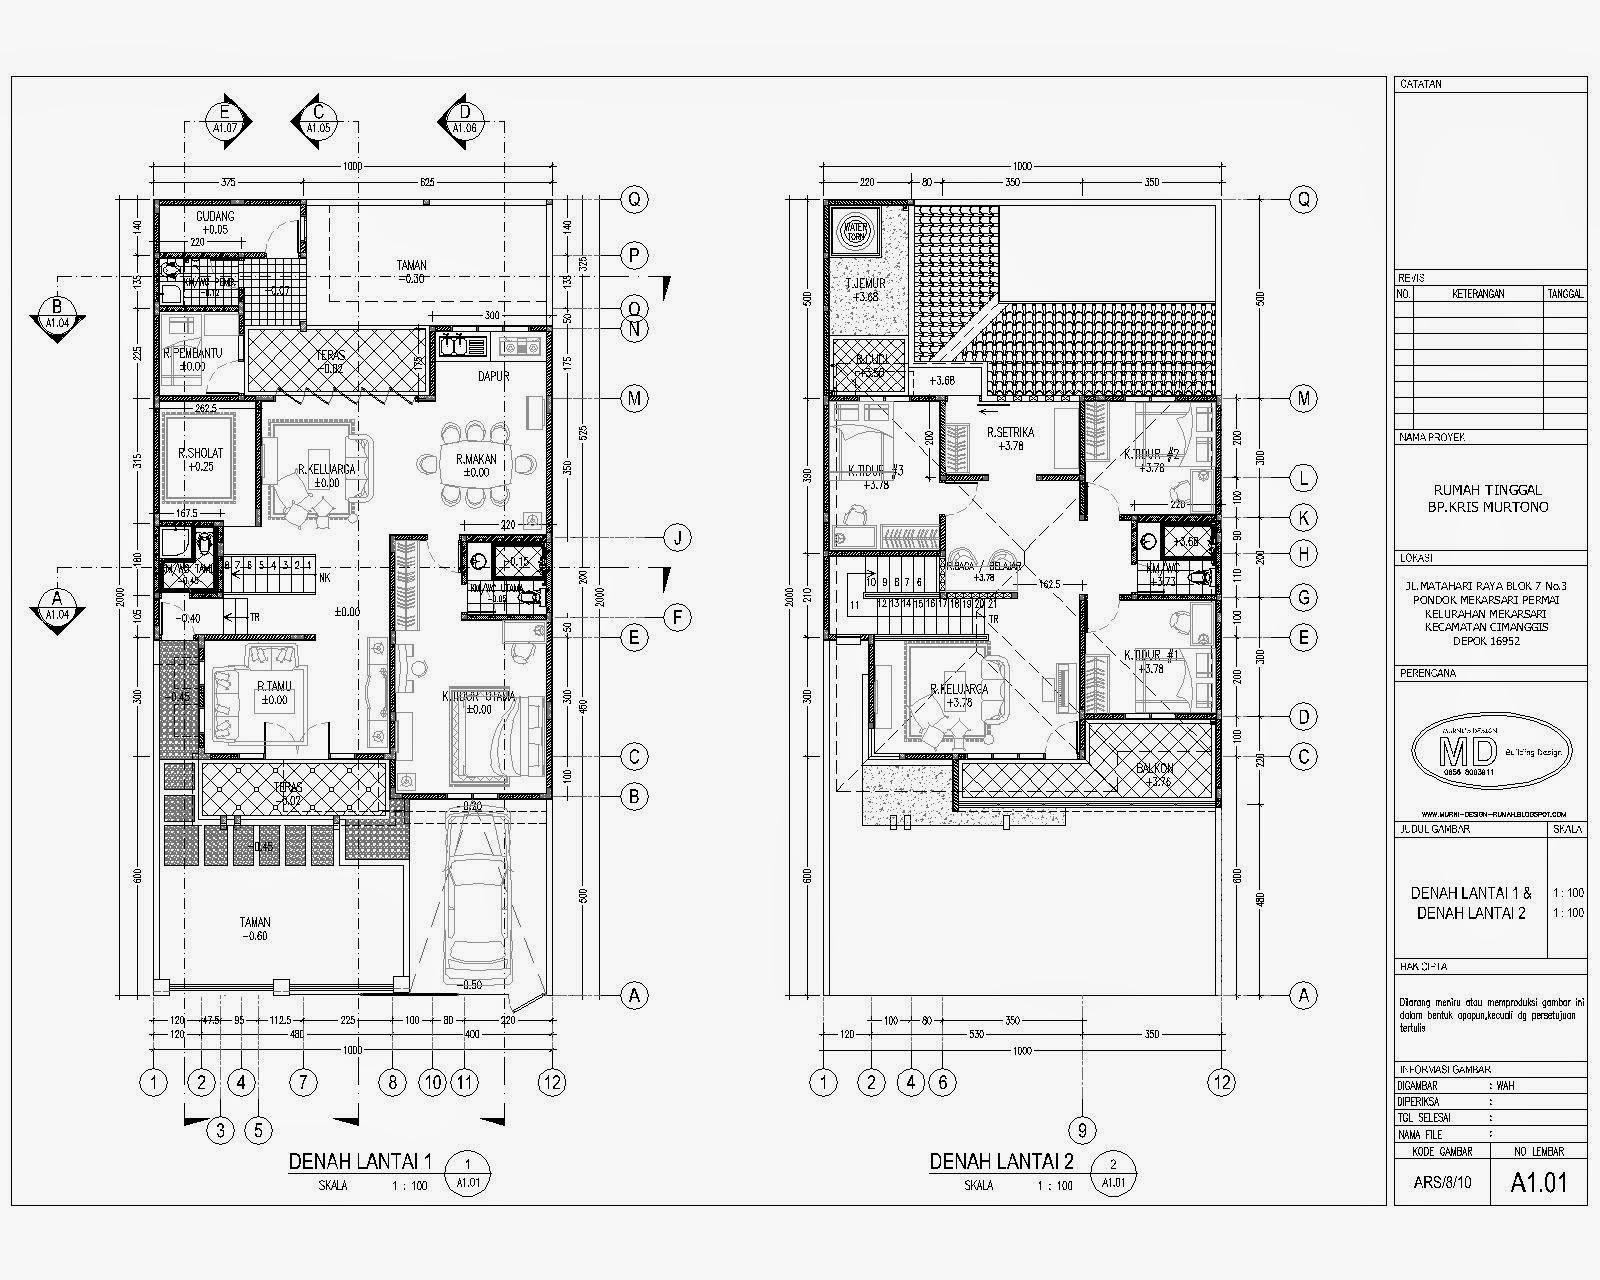 83 Koleksi Gambar Rumah 2 Lantai 4 Kamar Tidur Gratis Terbaru